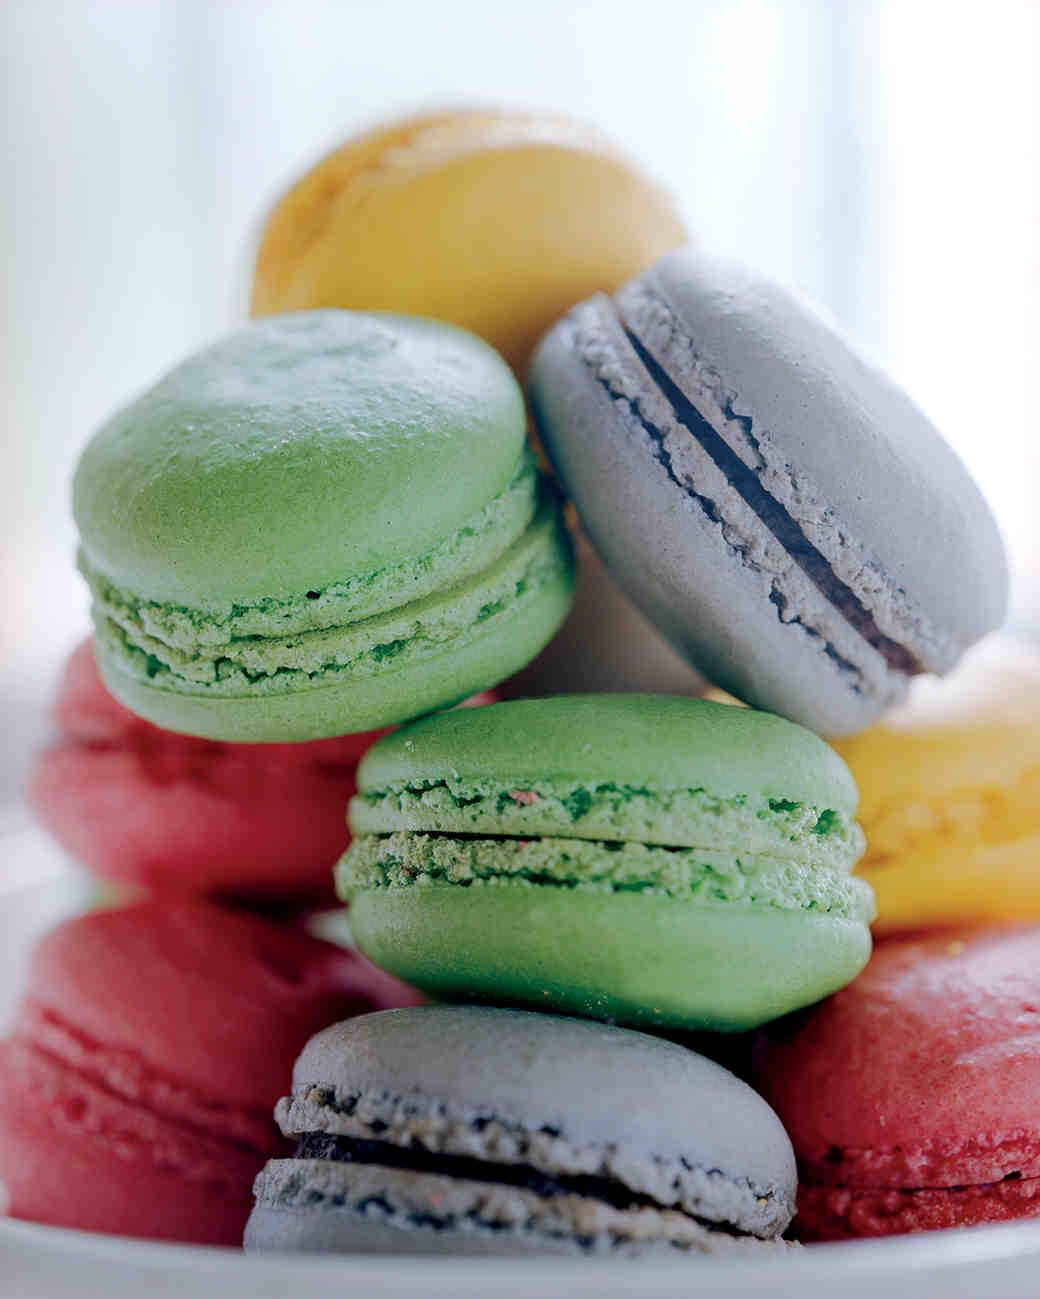 macaron-at-home-dye-diy-0315.jpg